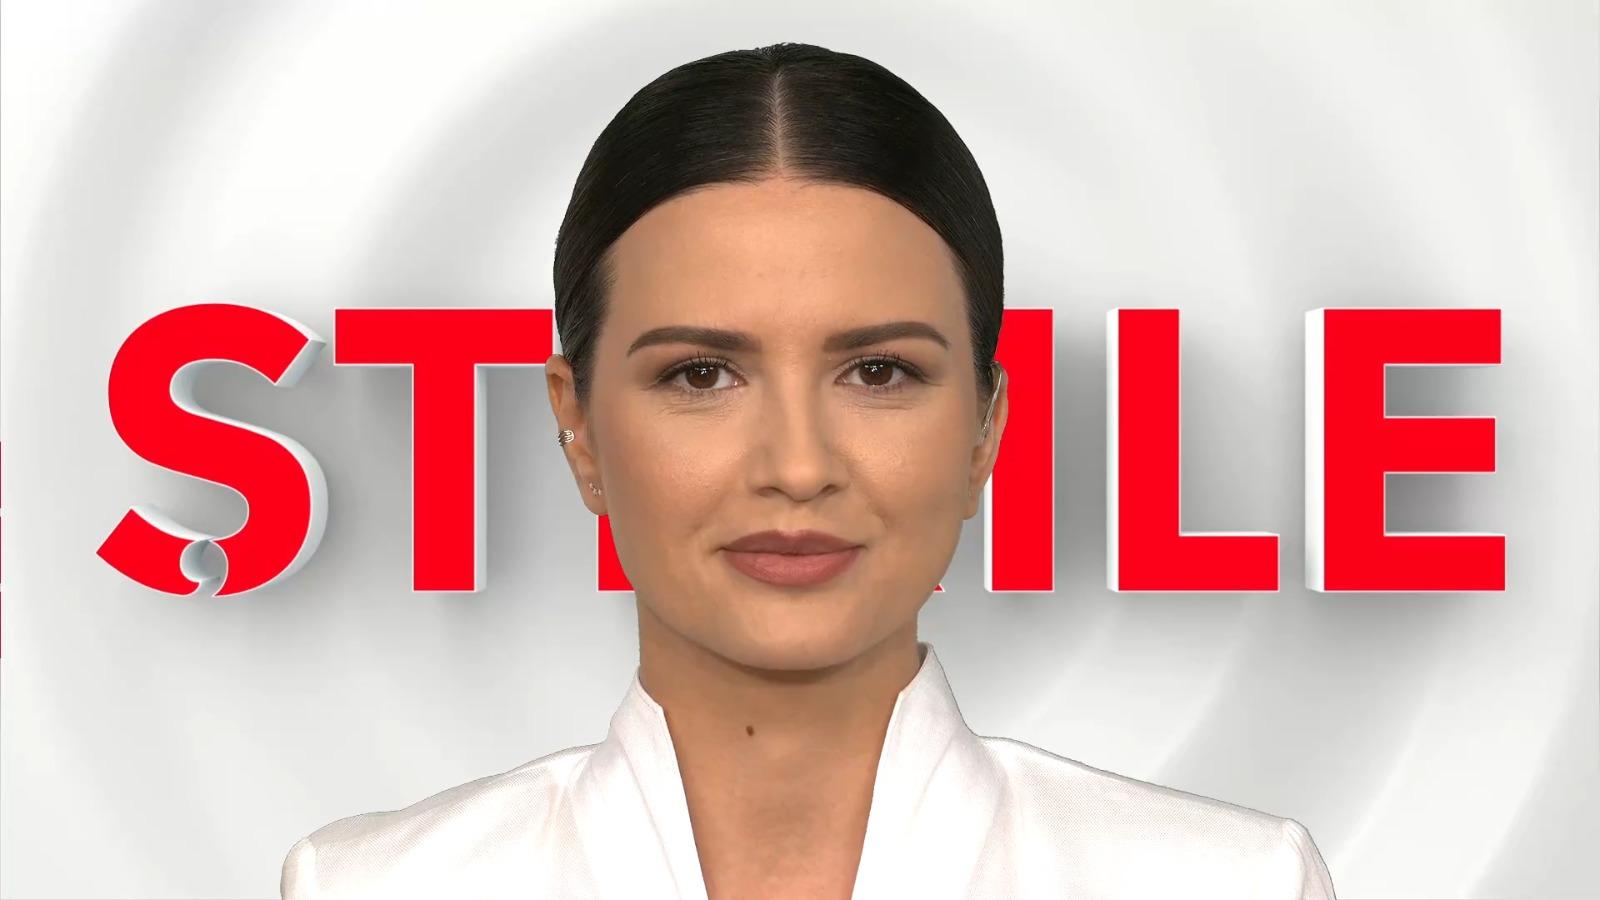 Știrile de la ora 18.00, prezentate de Iulia Maria, 10 iunie 2021